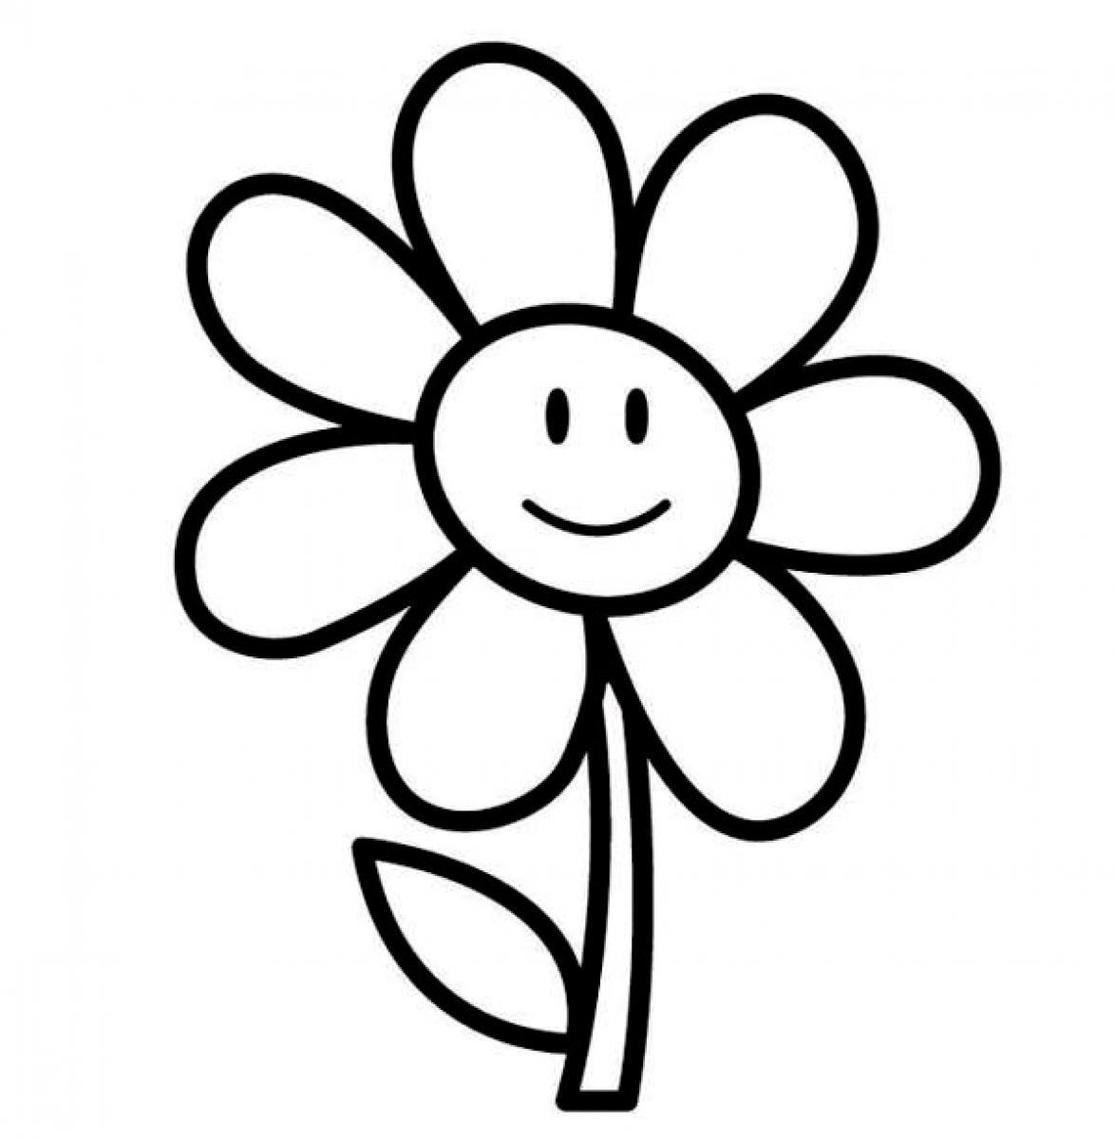 Flower Border Clipart Black And White Corner Border Flower